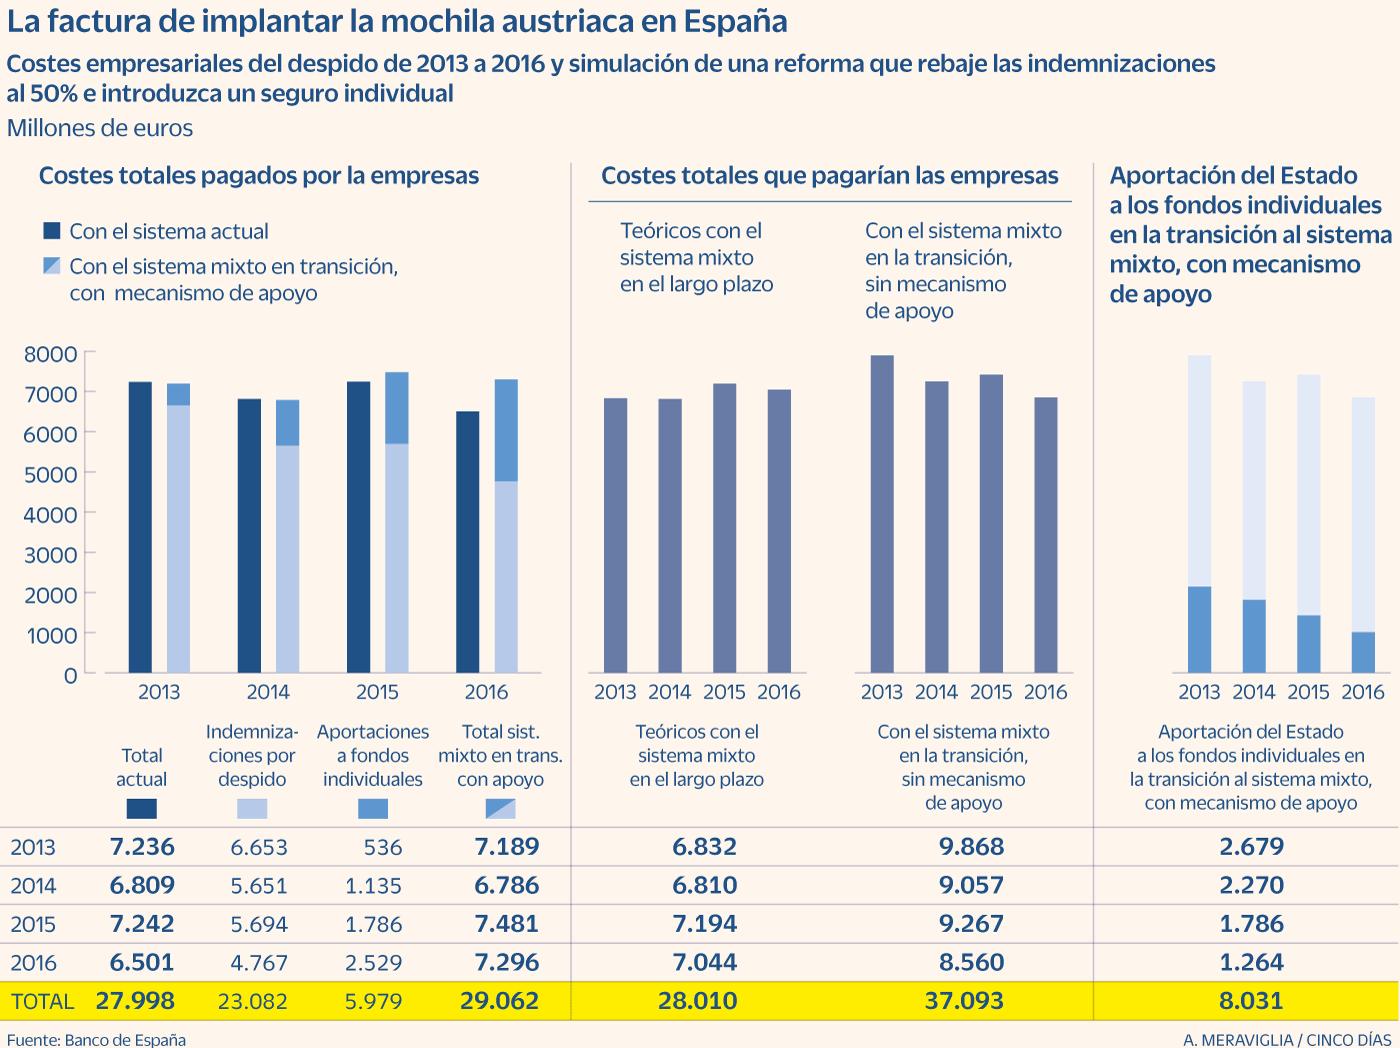 """Pensiones, jubilad@s. Continuidad en el """"damos y quitamos"""". Aumento de la privatización. La OCDE y el FMI por disminuirlas, retrasarlas...   - Página 15 Bd5c862b51d84c1462f602224ab94c9b"""